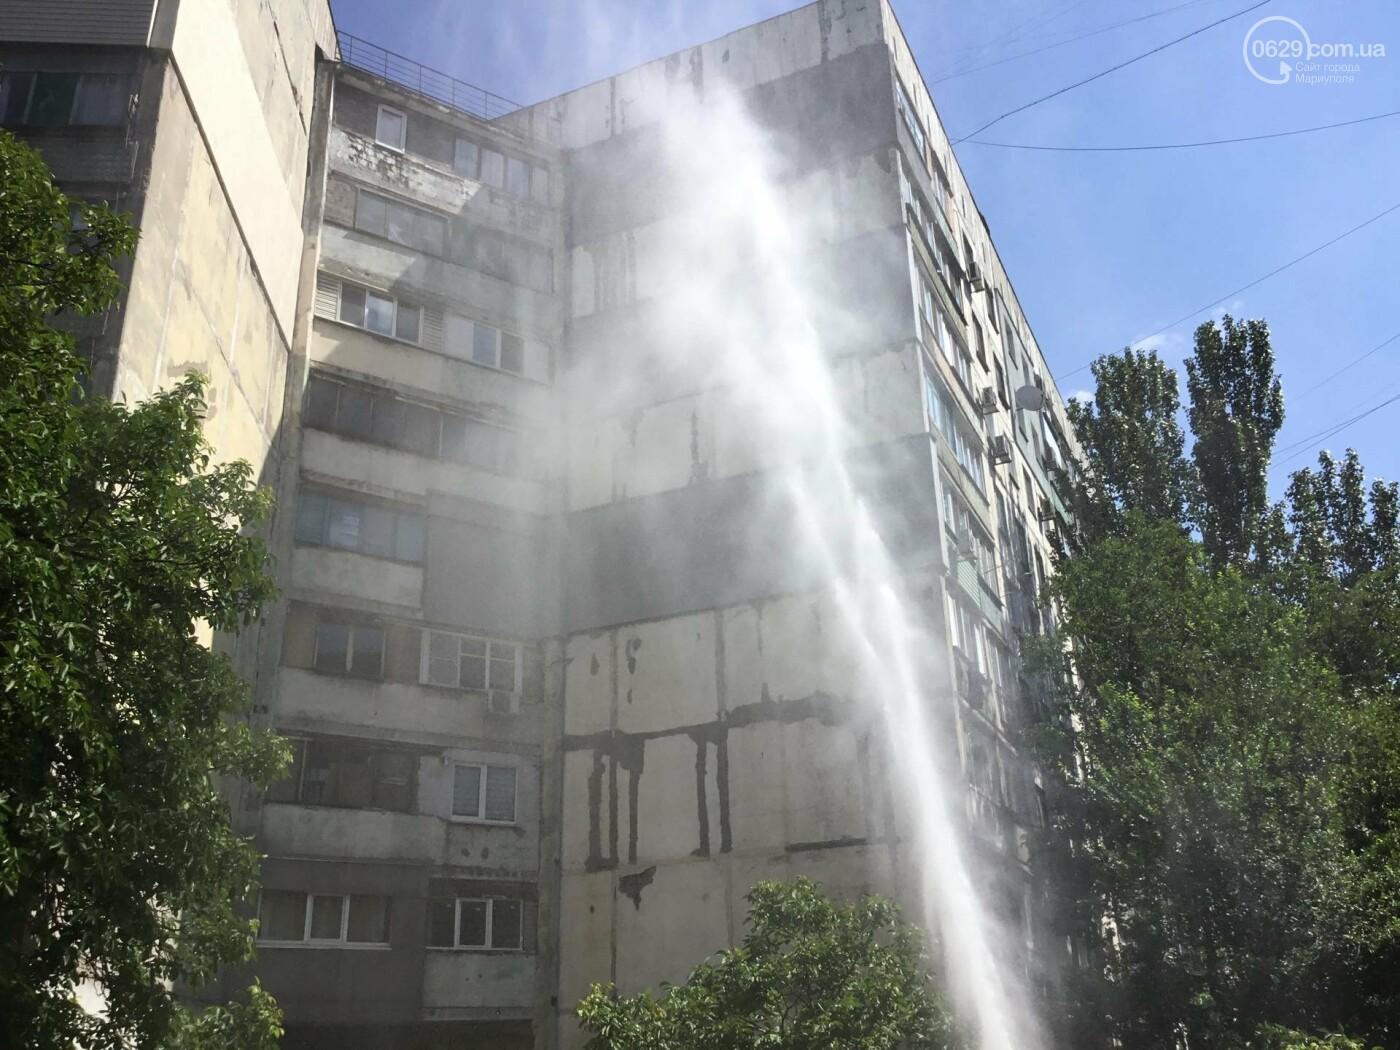 В Мариуполе бъет фонтан питьевой воды, высотой в 5 этажей, - ФОТО, ВИДЕО, фото-7